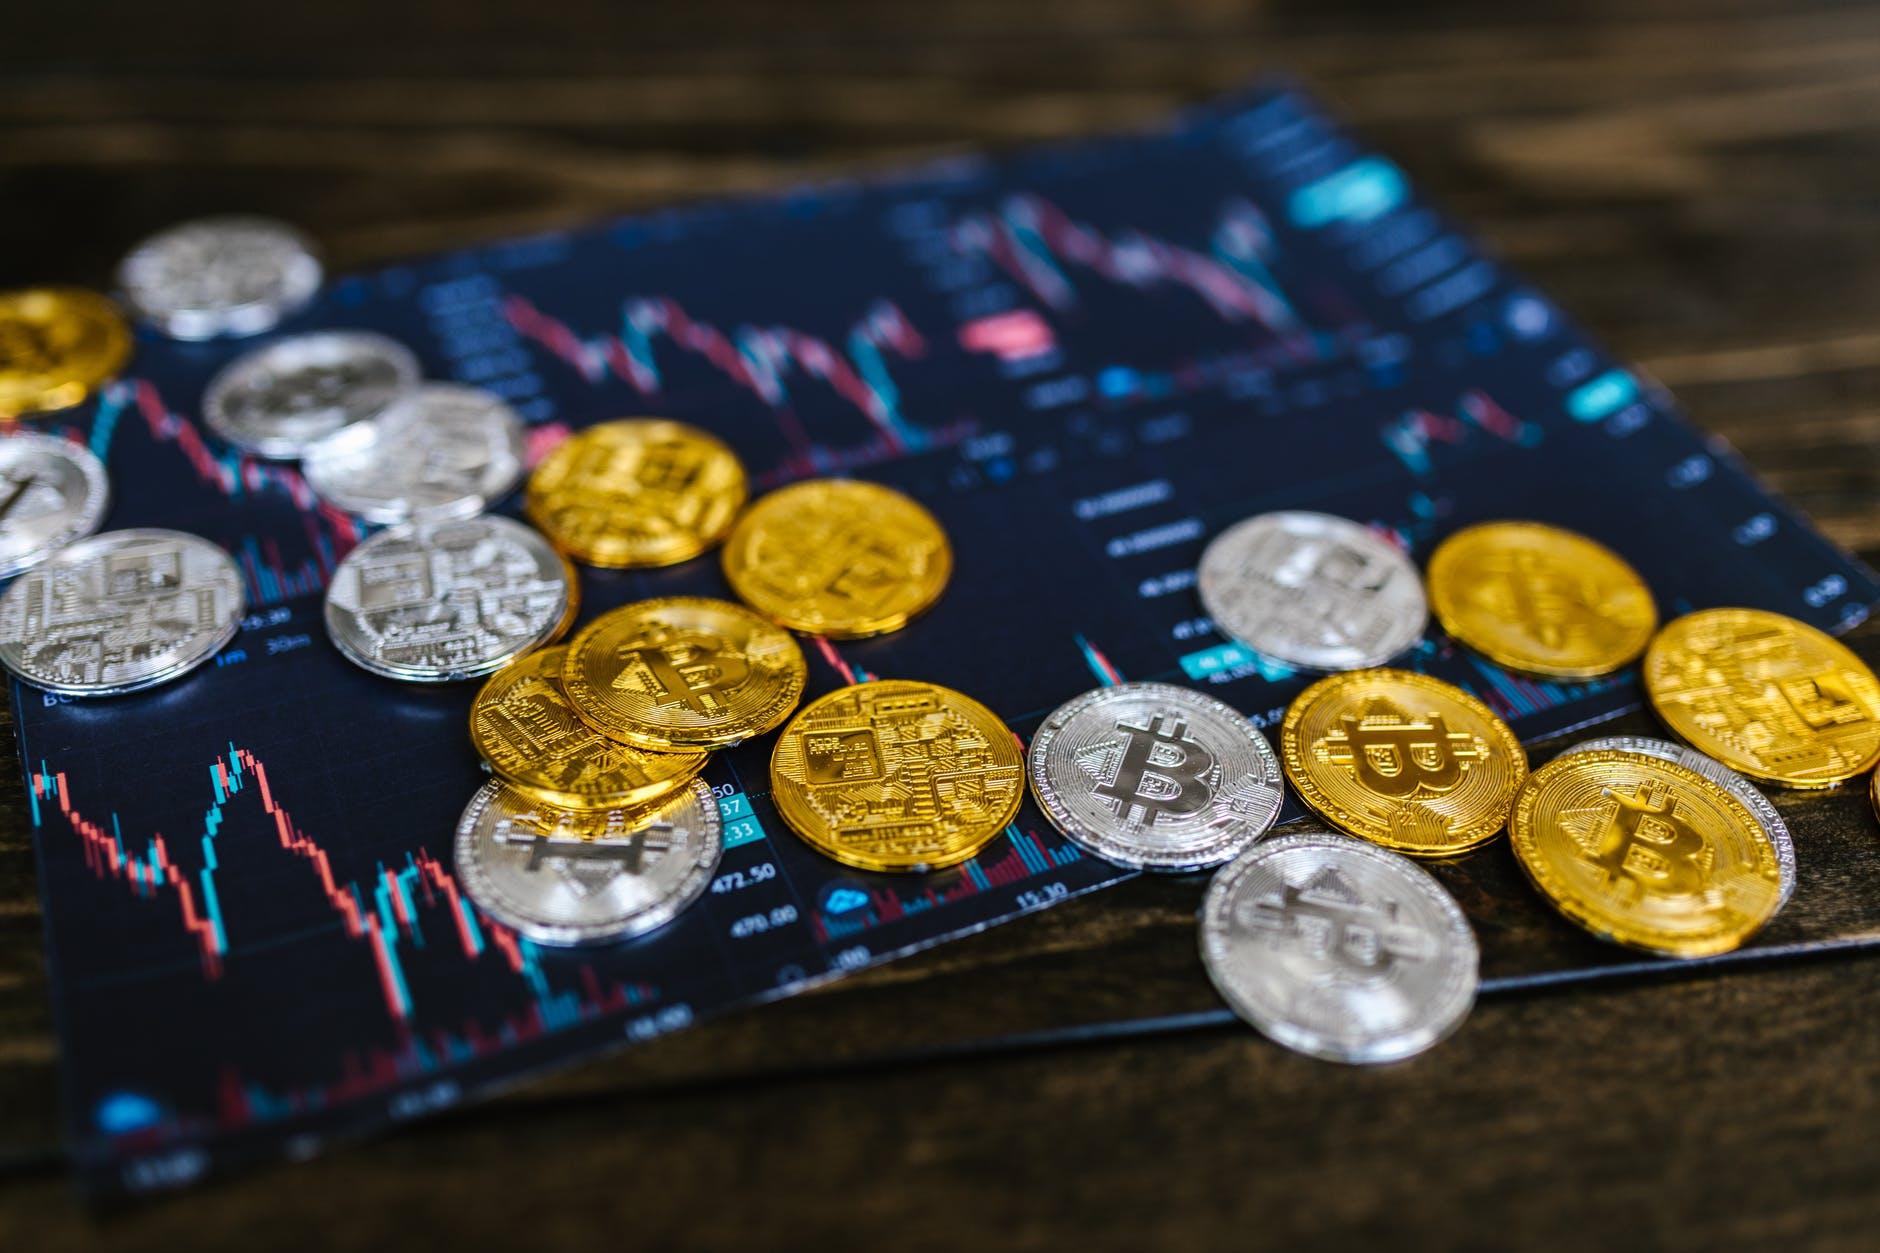 Uang Crypto Melakukan Pergerakan Besar Sekarang | Koran Crypto